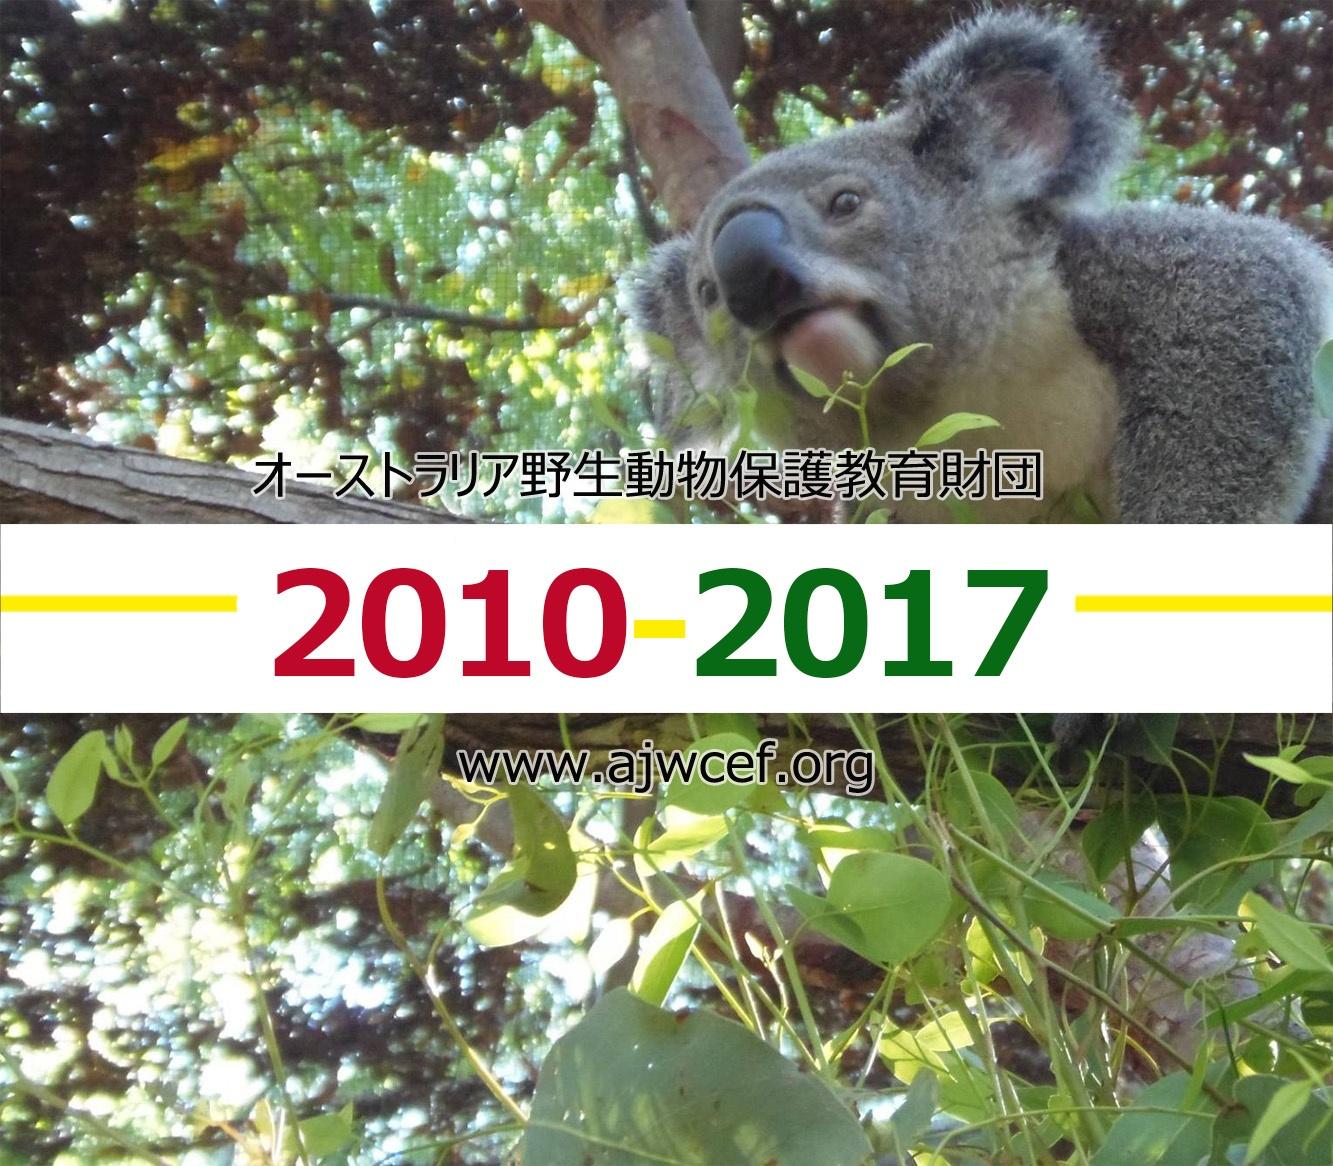 AJWCEF 2010-2017 メディア情報